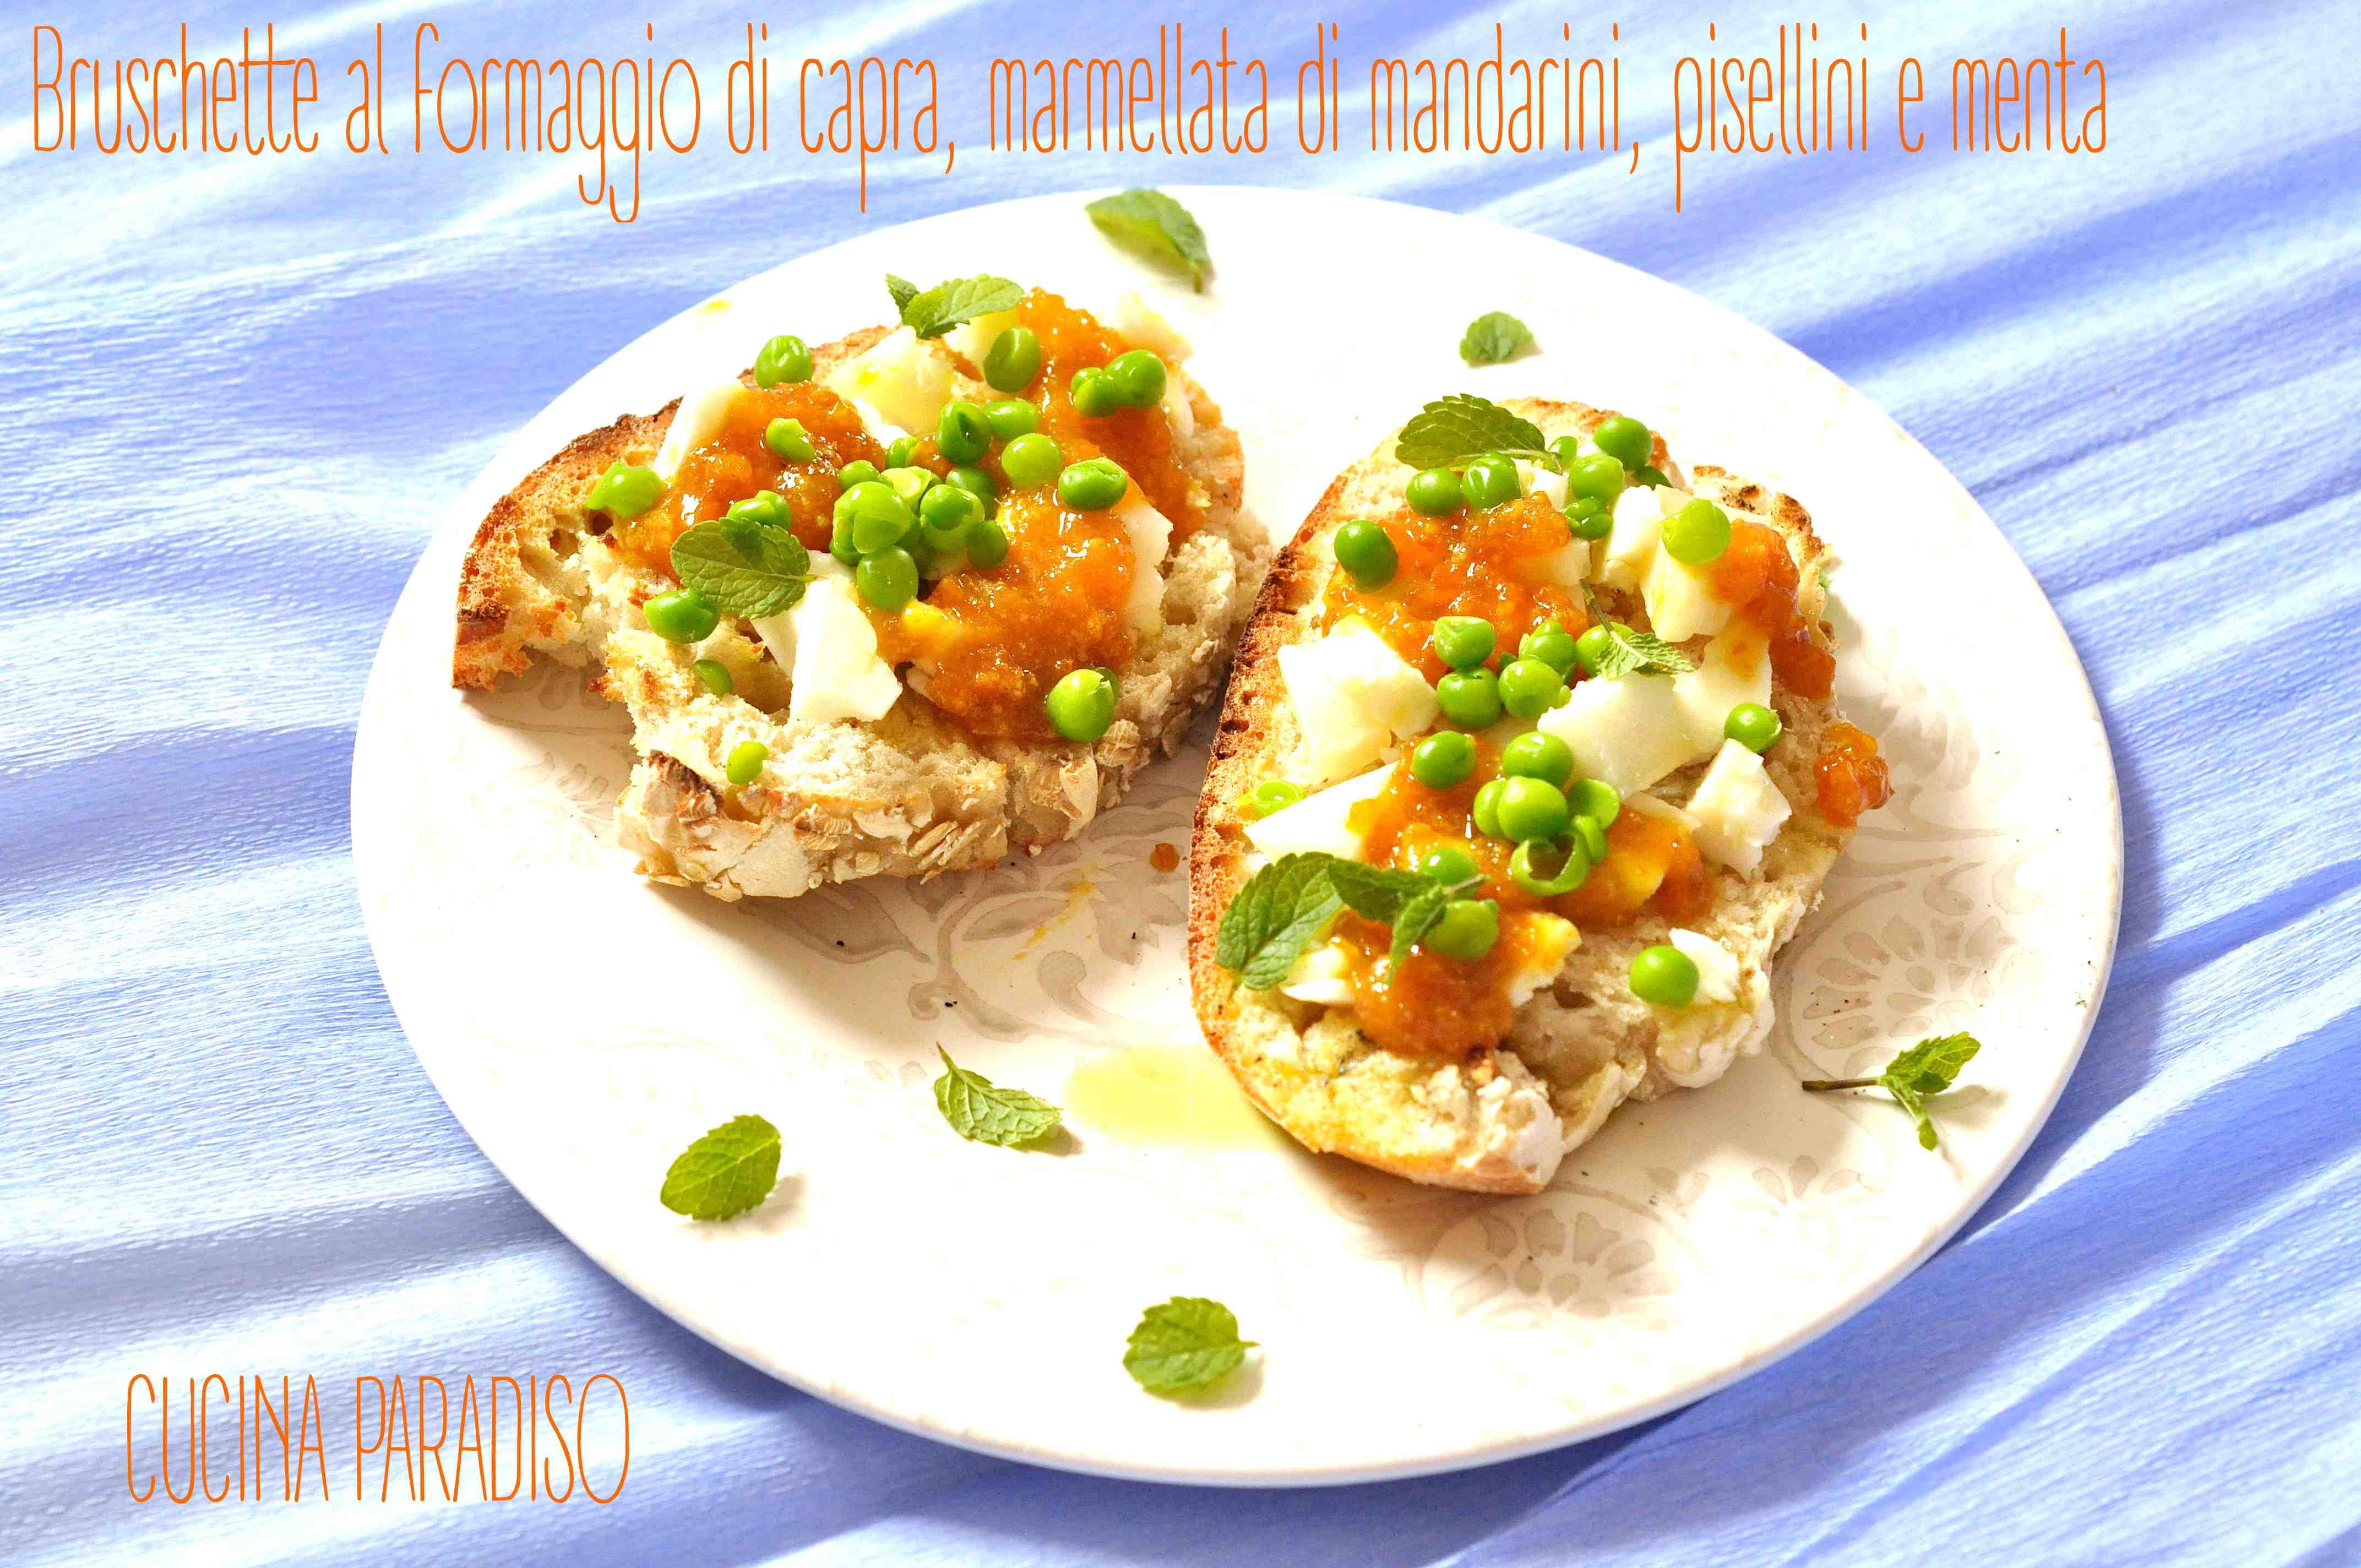 Bruschette al formaggio di capra, marmellata di mandarini, pisellini e menta3